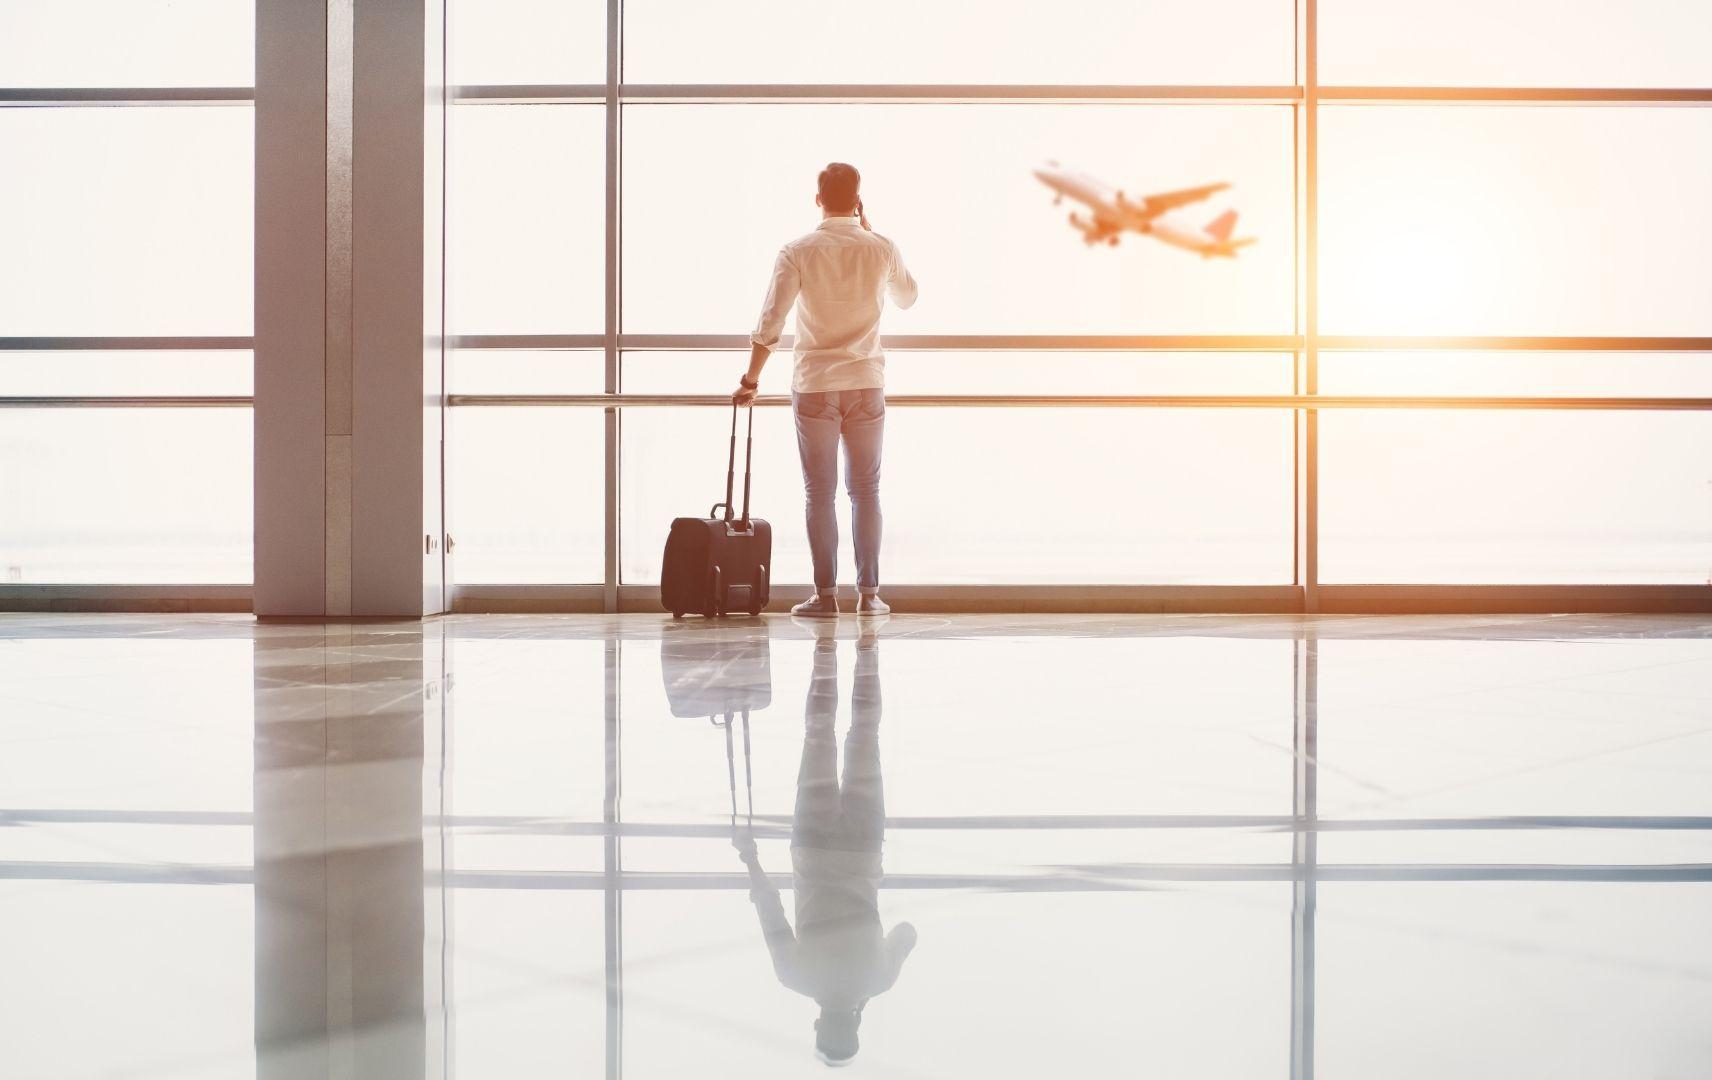 Mann am Flughafen mit Koffer